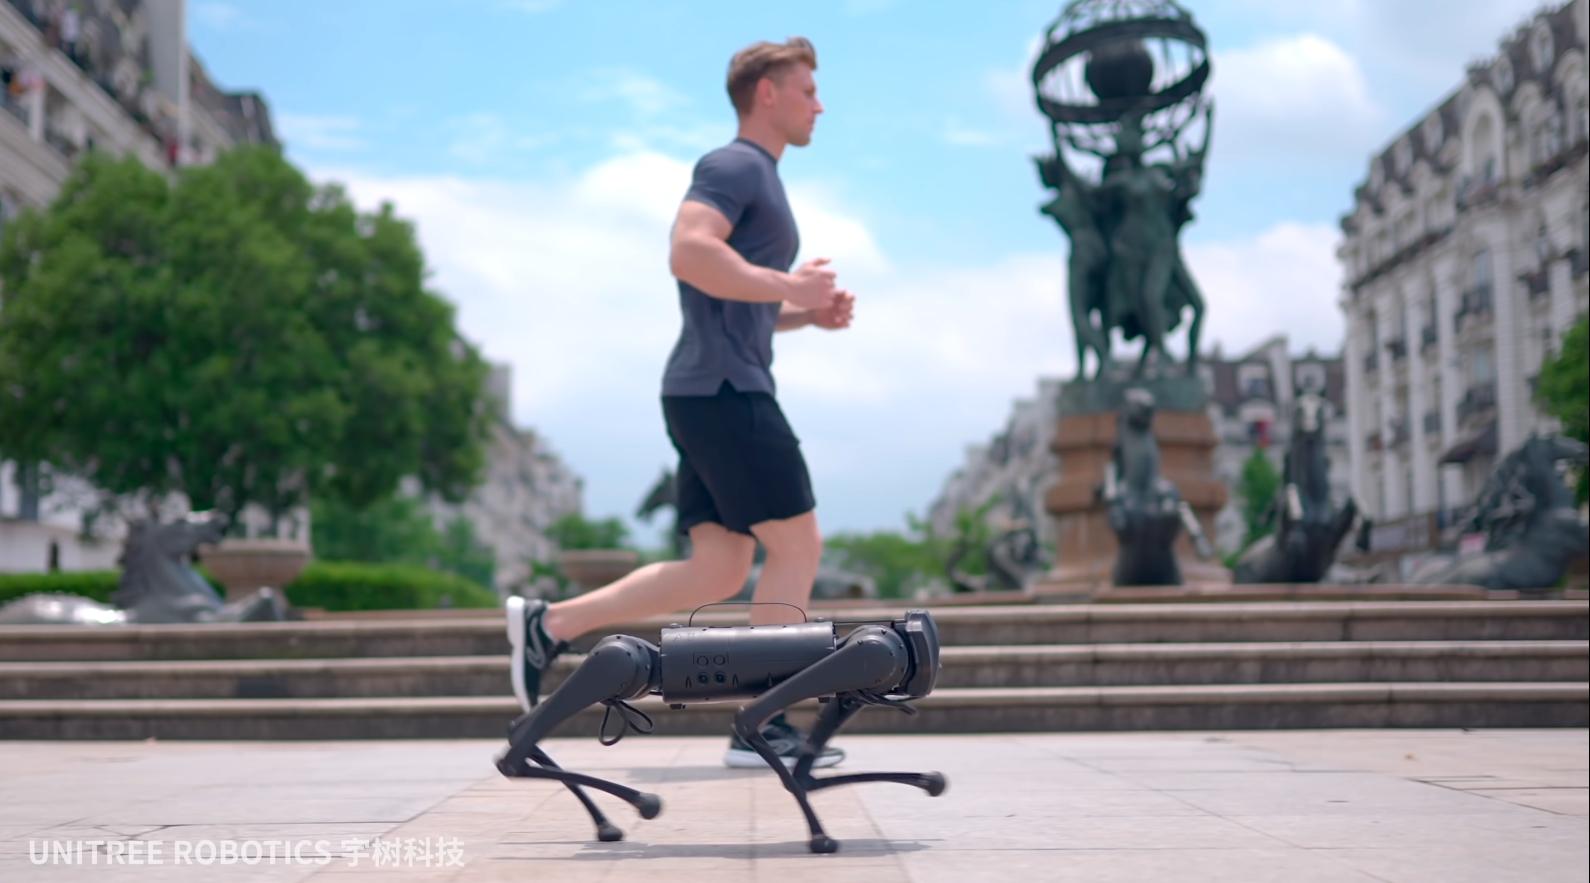 Unitree Go1, el perro robot barato que te acompaña a hacer running o lleva la compra y solo cuesta 2.300 euros